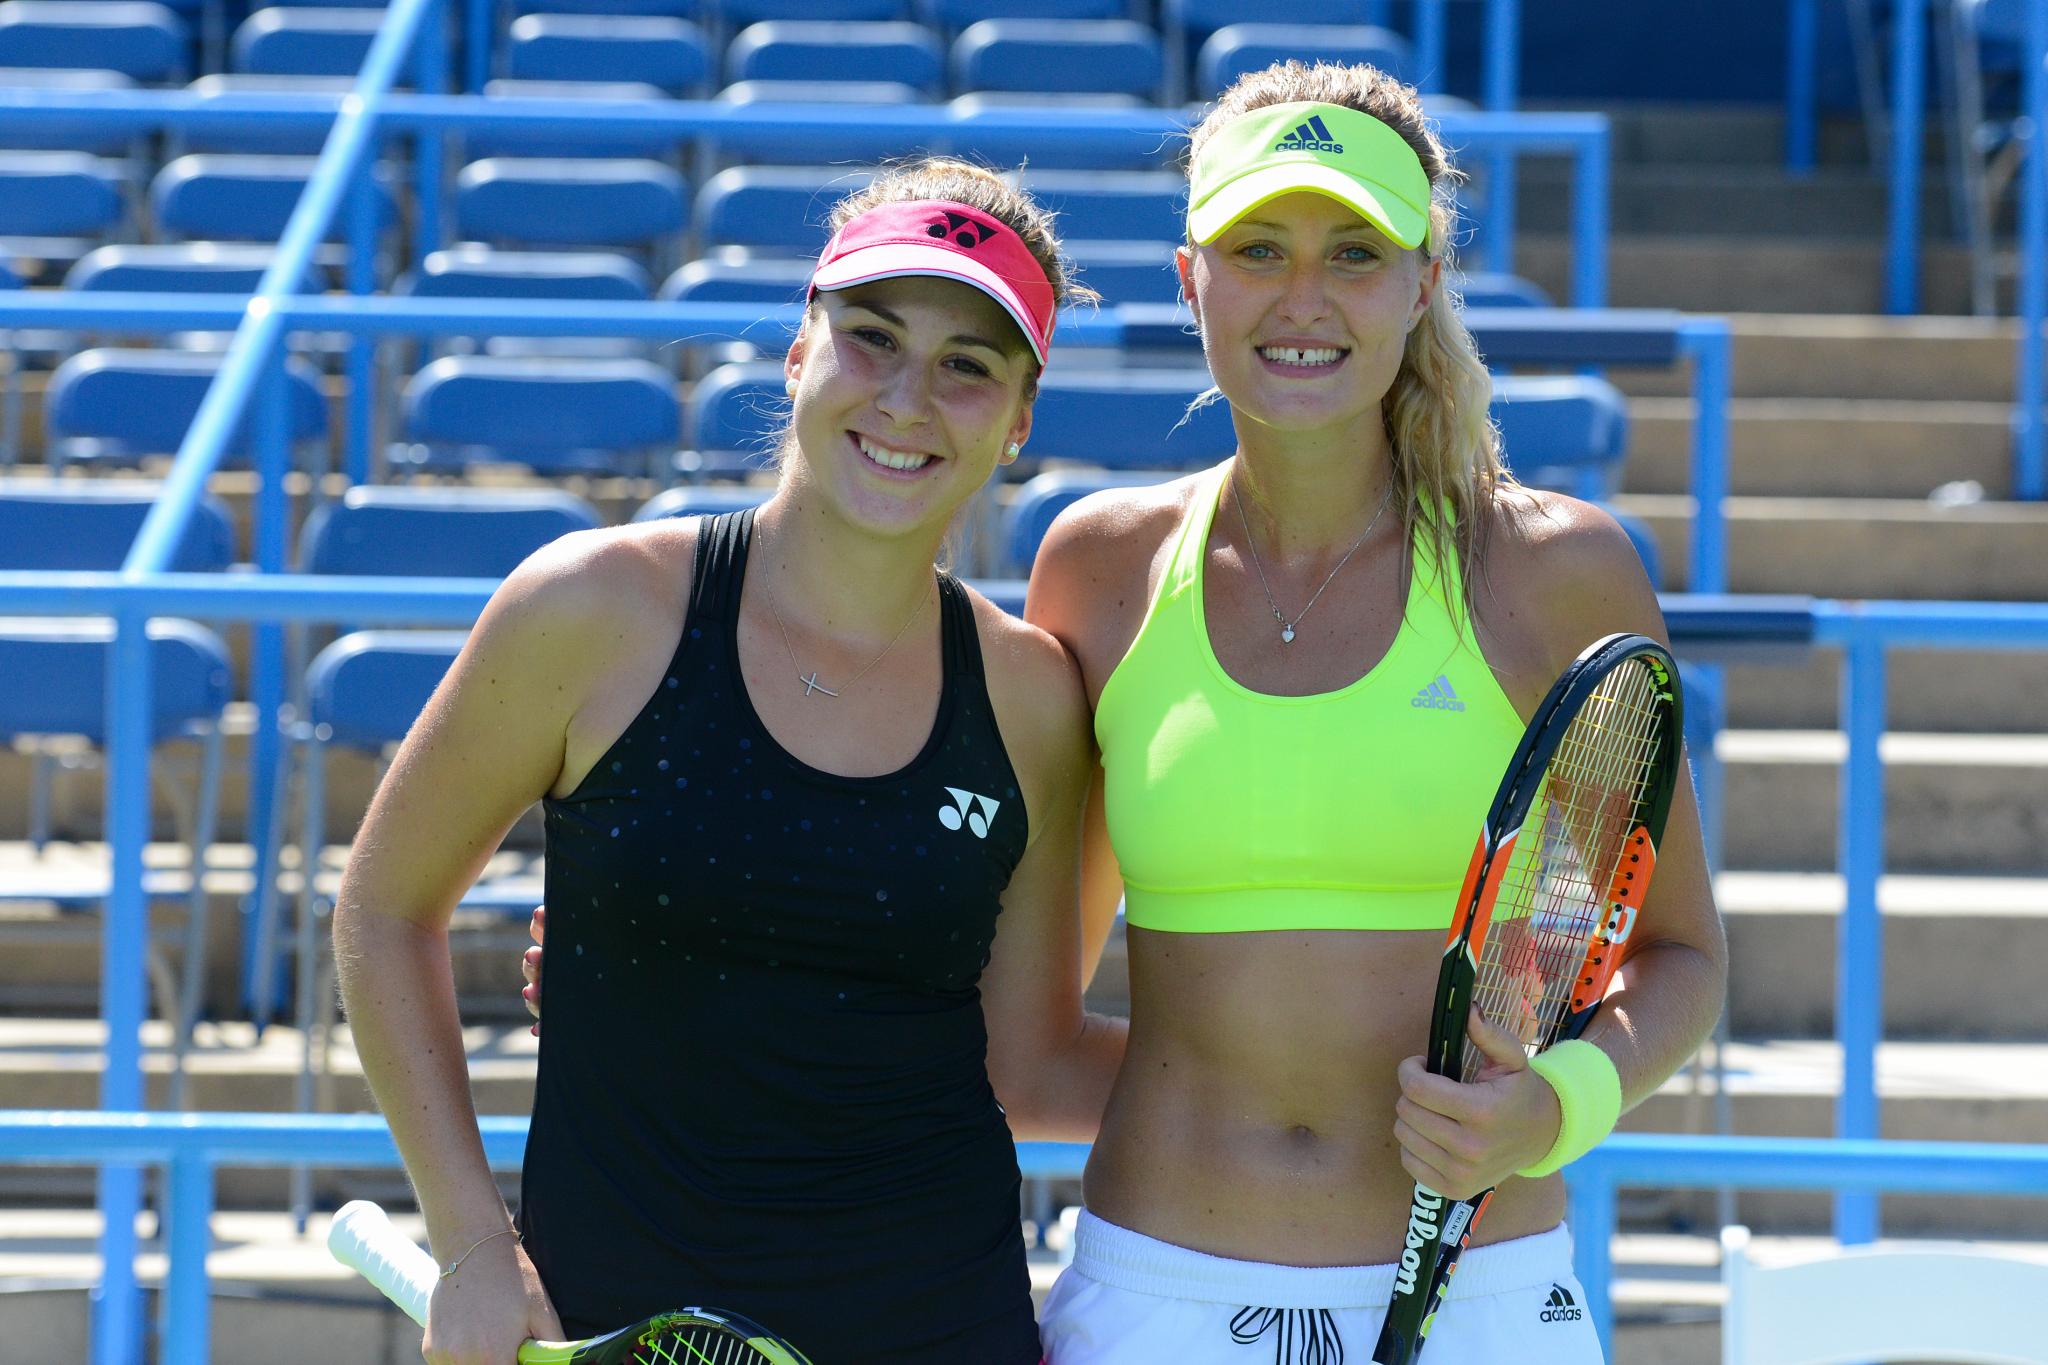 Belinda Bencic & Kiki Mladenovic (Photo: Chris Levy @Tennis_Shots)